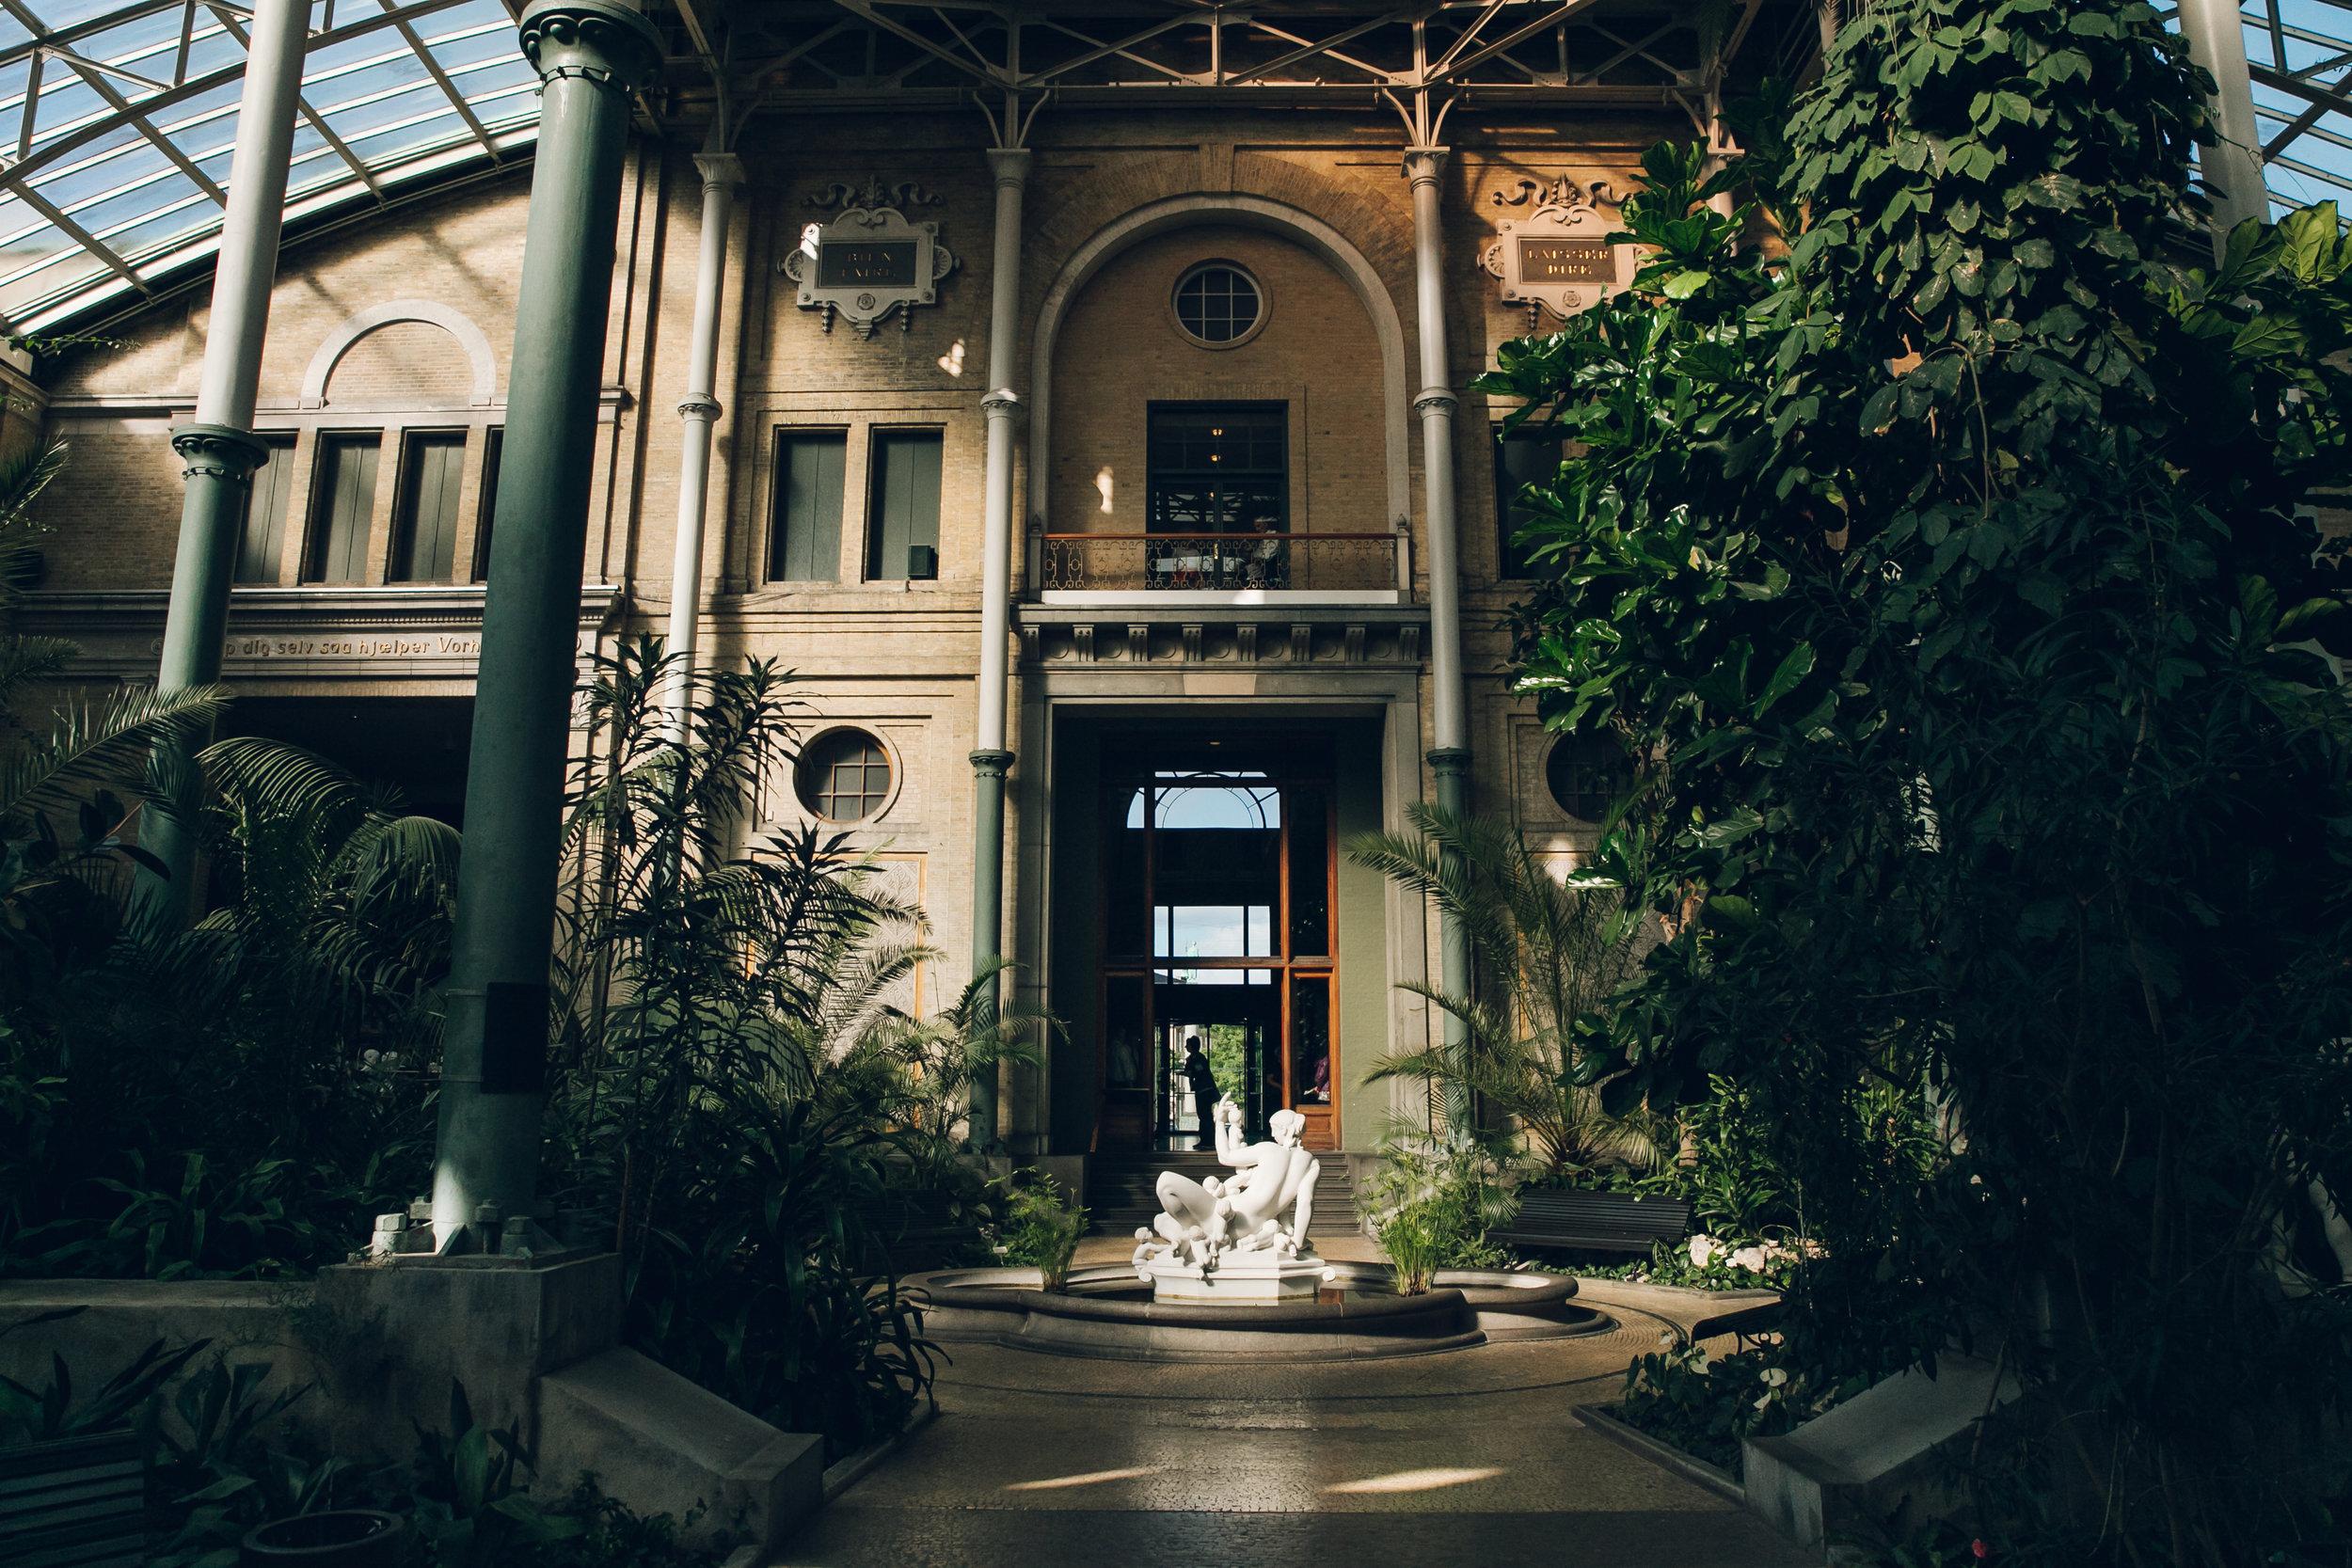 The Glyptoteket Museum in Copenhagen.